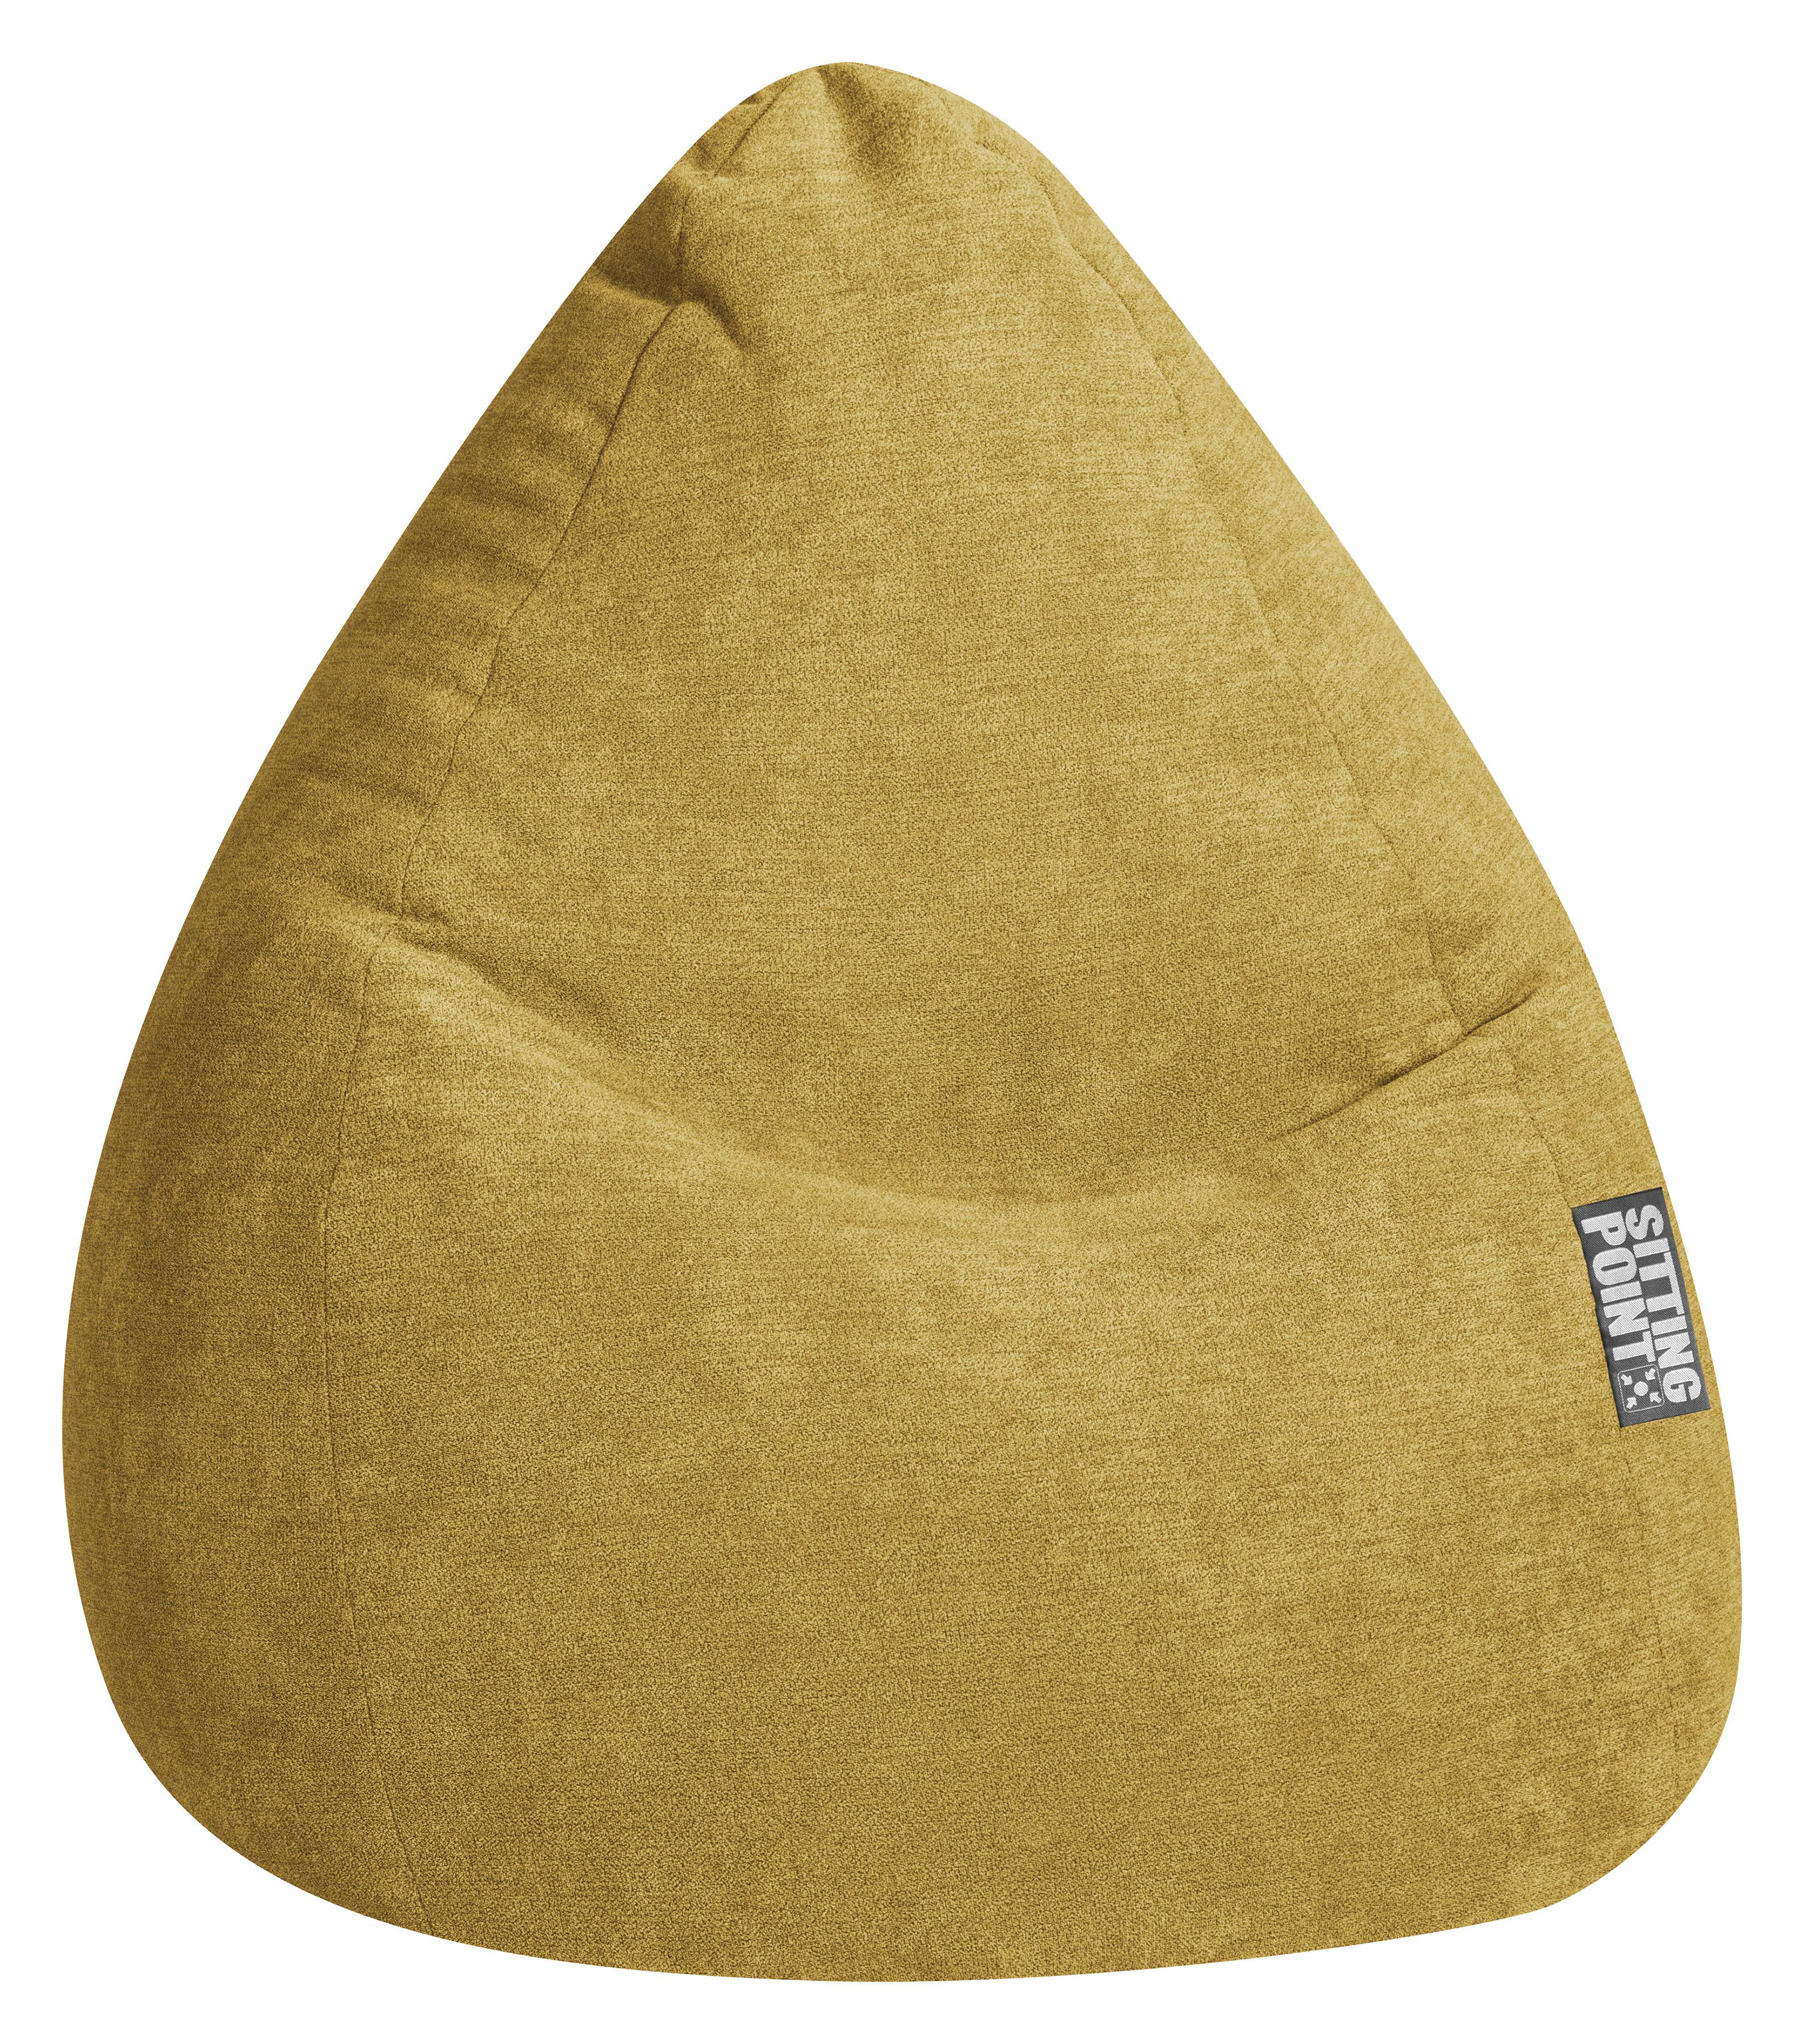 Pouf design d'intérieur en velours moutarde